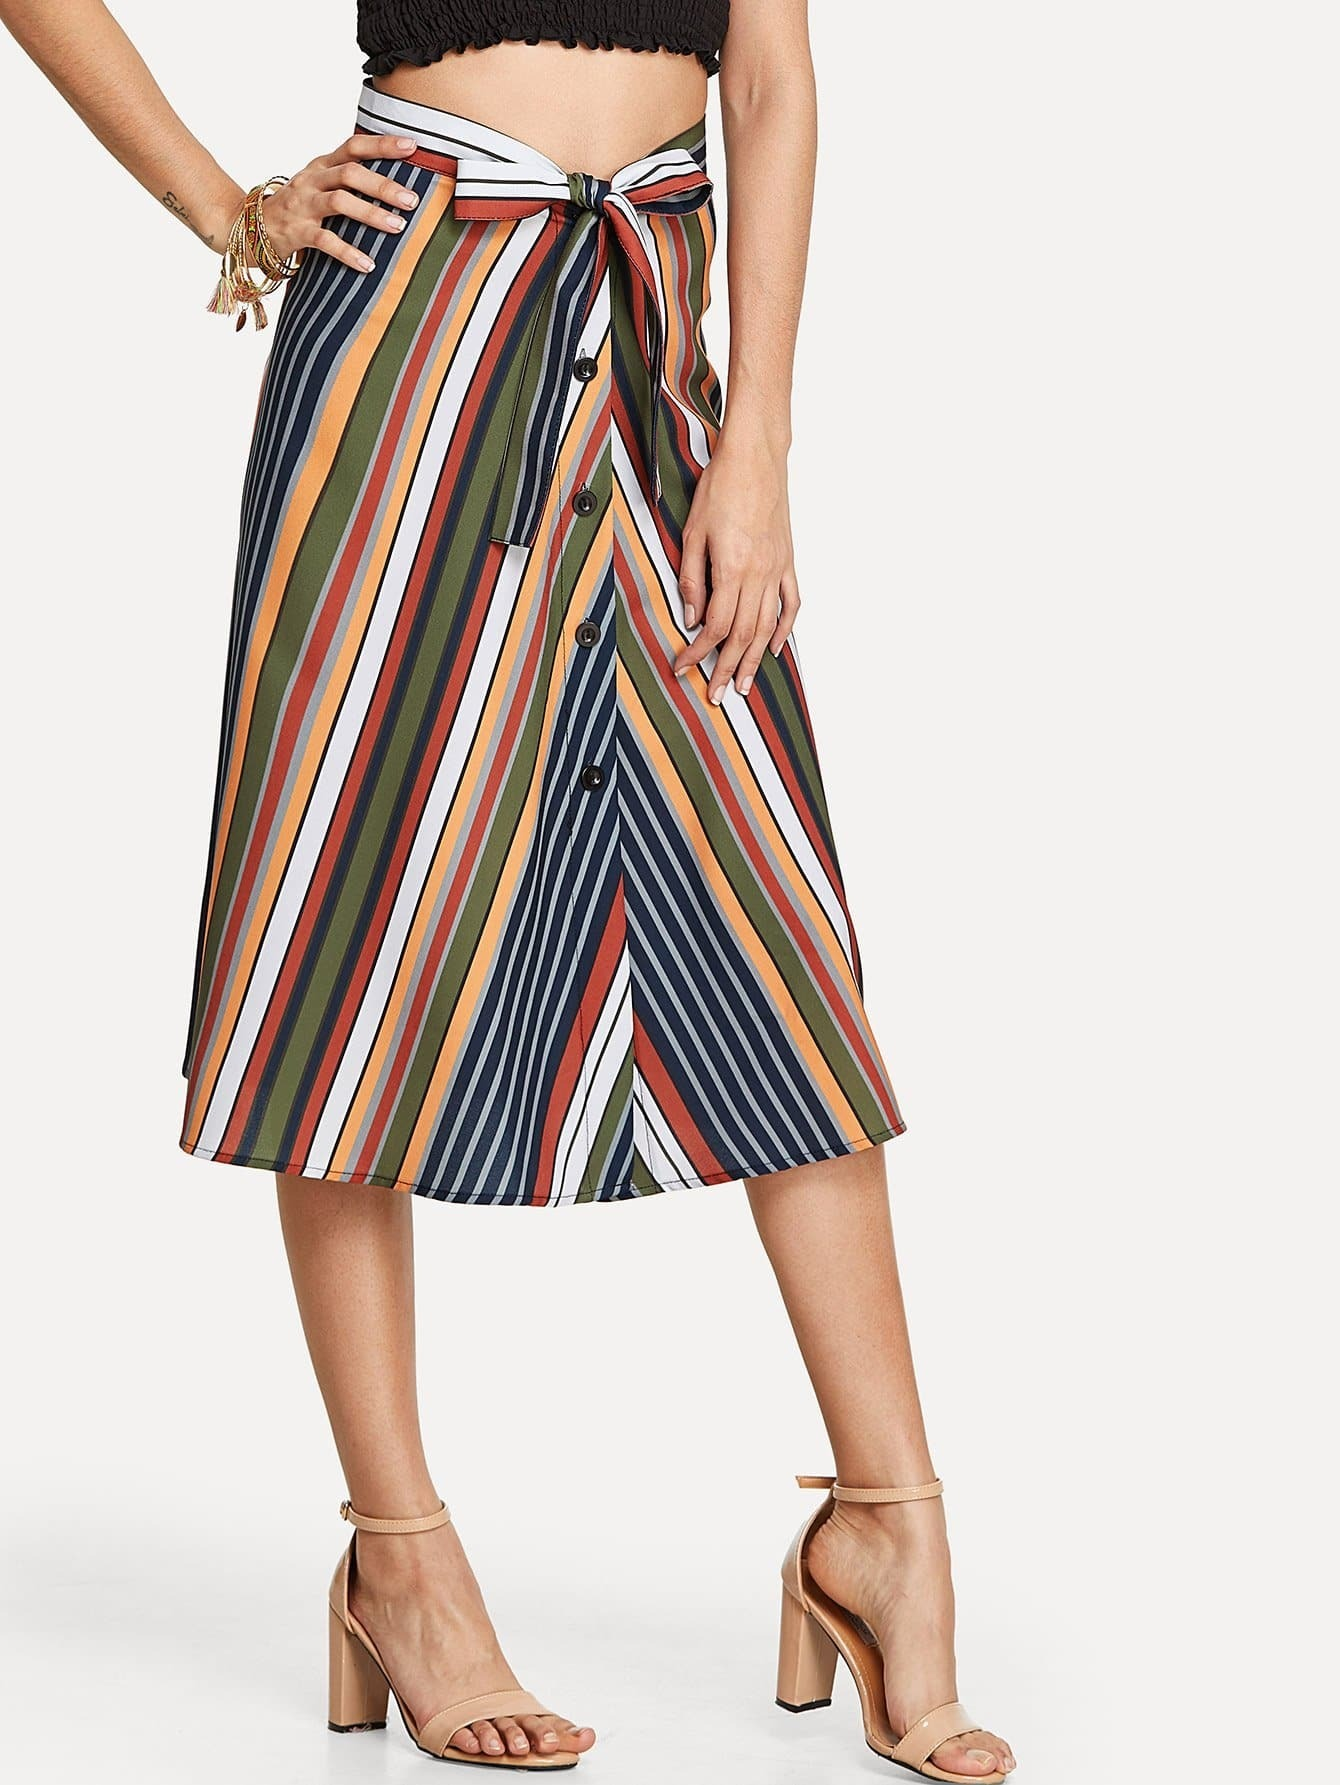 Multi Striped Skirt multi striped skirt